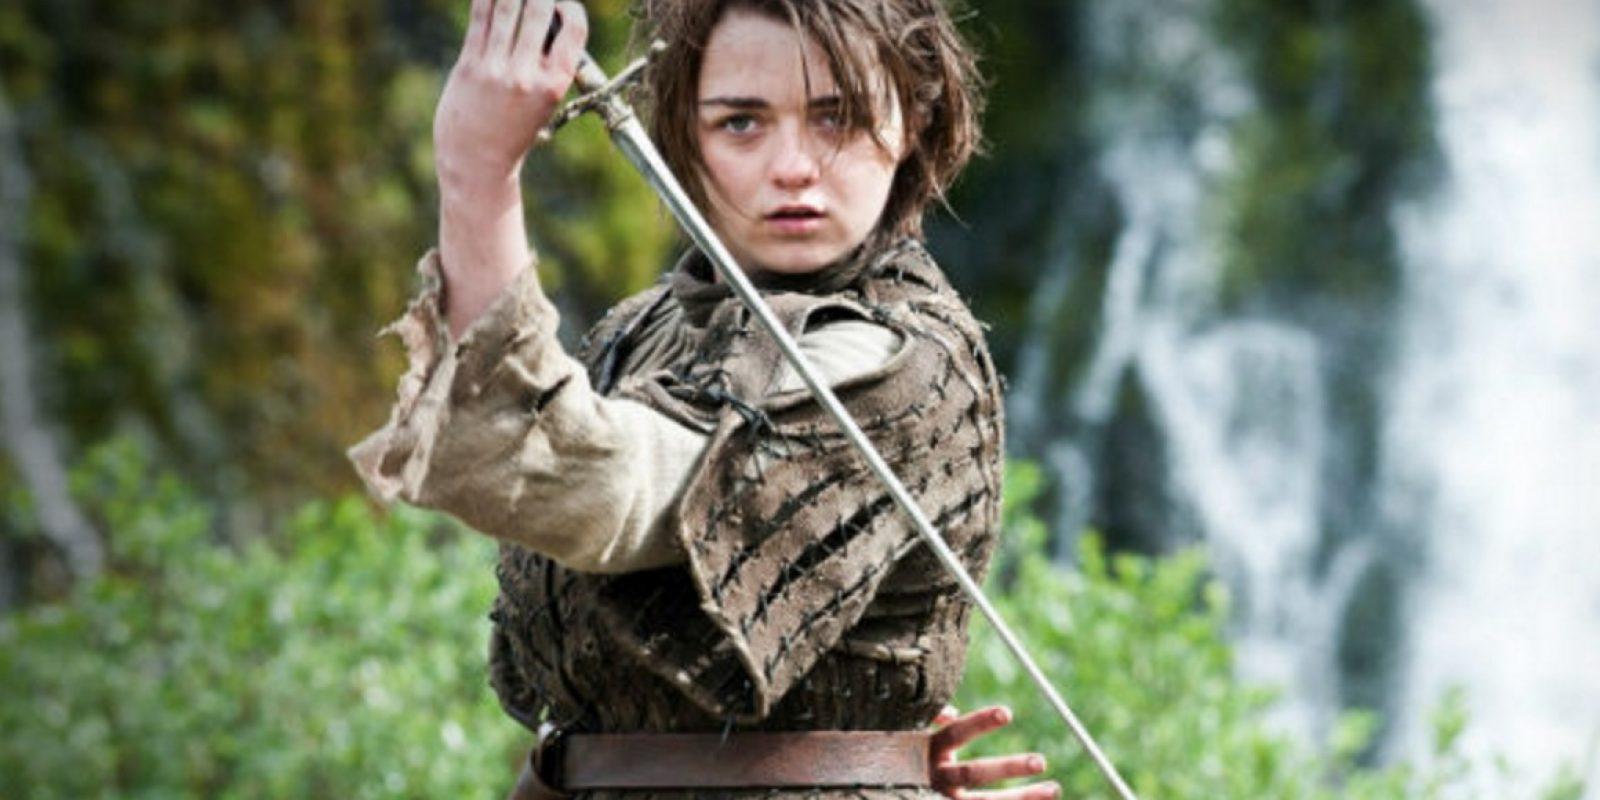 Filtran fotos íntimas de Maisie Williams, actriz de Game of Thrones. Imagen Por: HBO